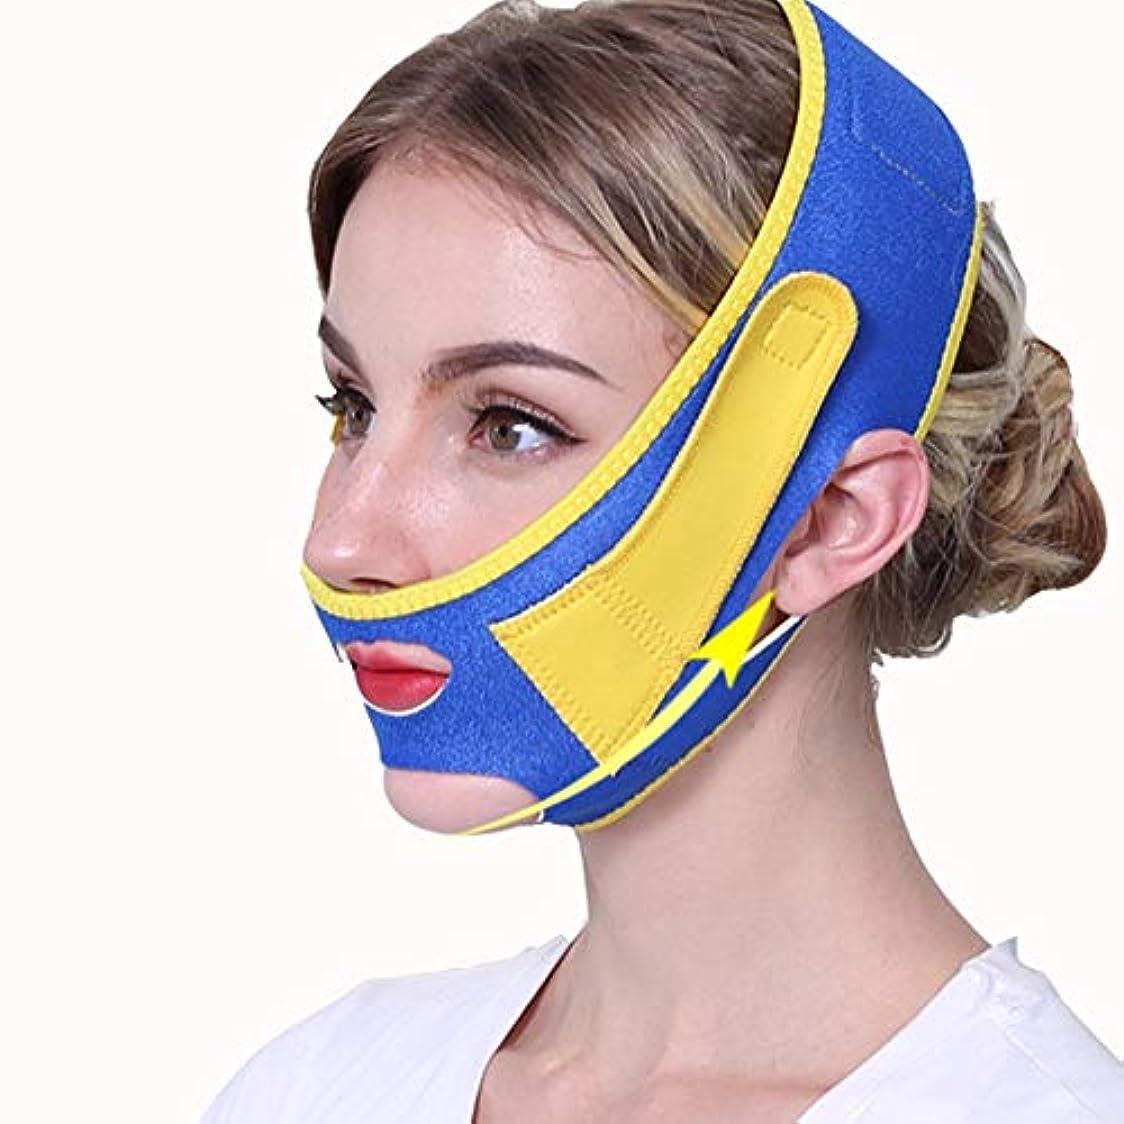 パースブラックボロウ日光カニXINGZHE フェイシャルリフティング痩身ベルトフェイス包帯マスク整形マスクフェイスベルトを引き締める薄型フェイス包帯整形マスクフェイスと首の顔を引き締めスリム フェイスリフティングベルト